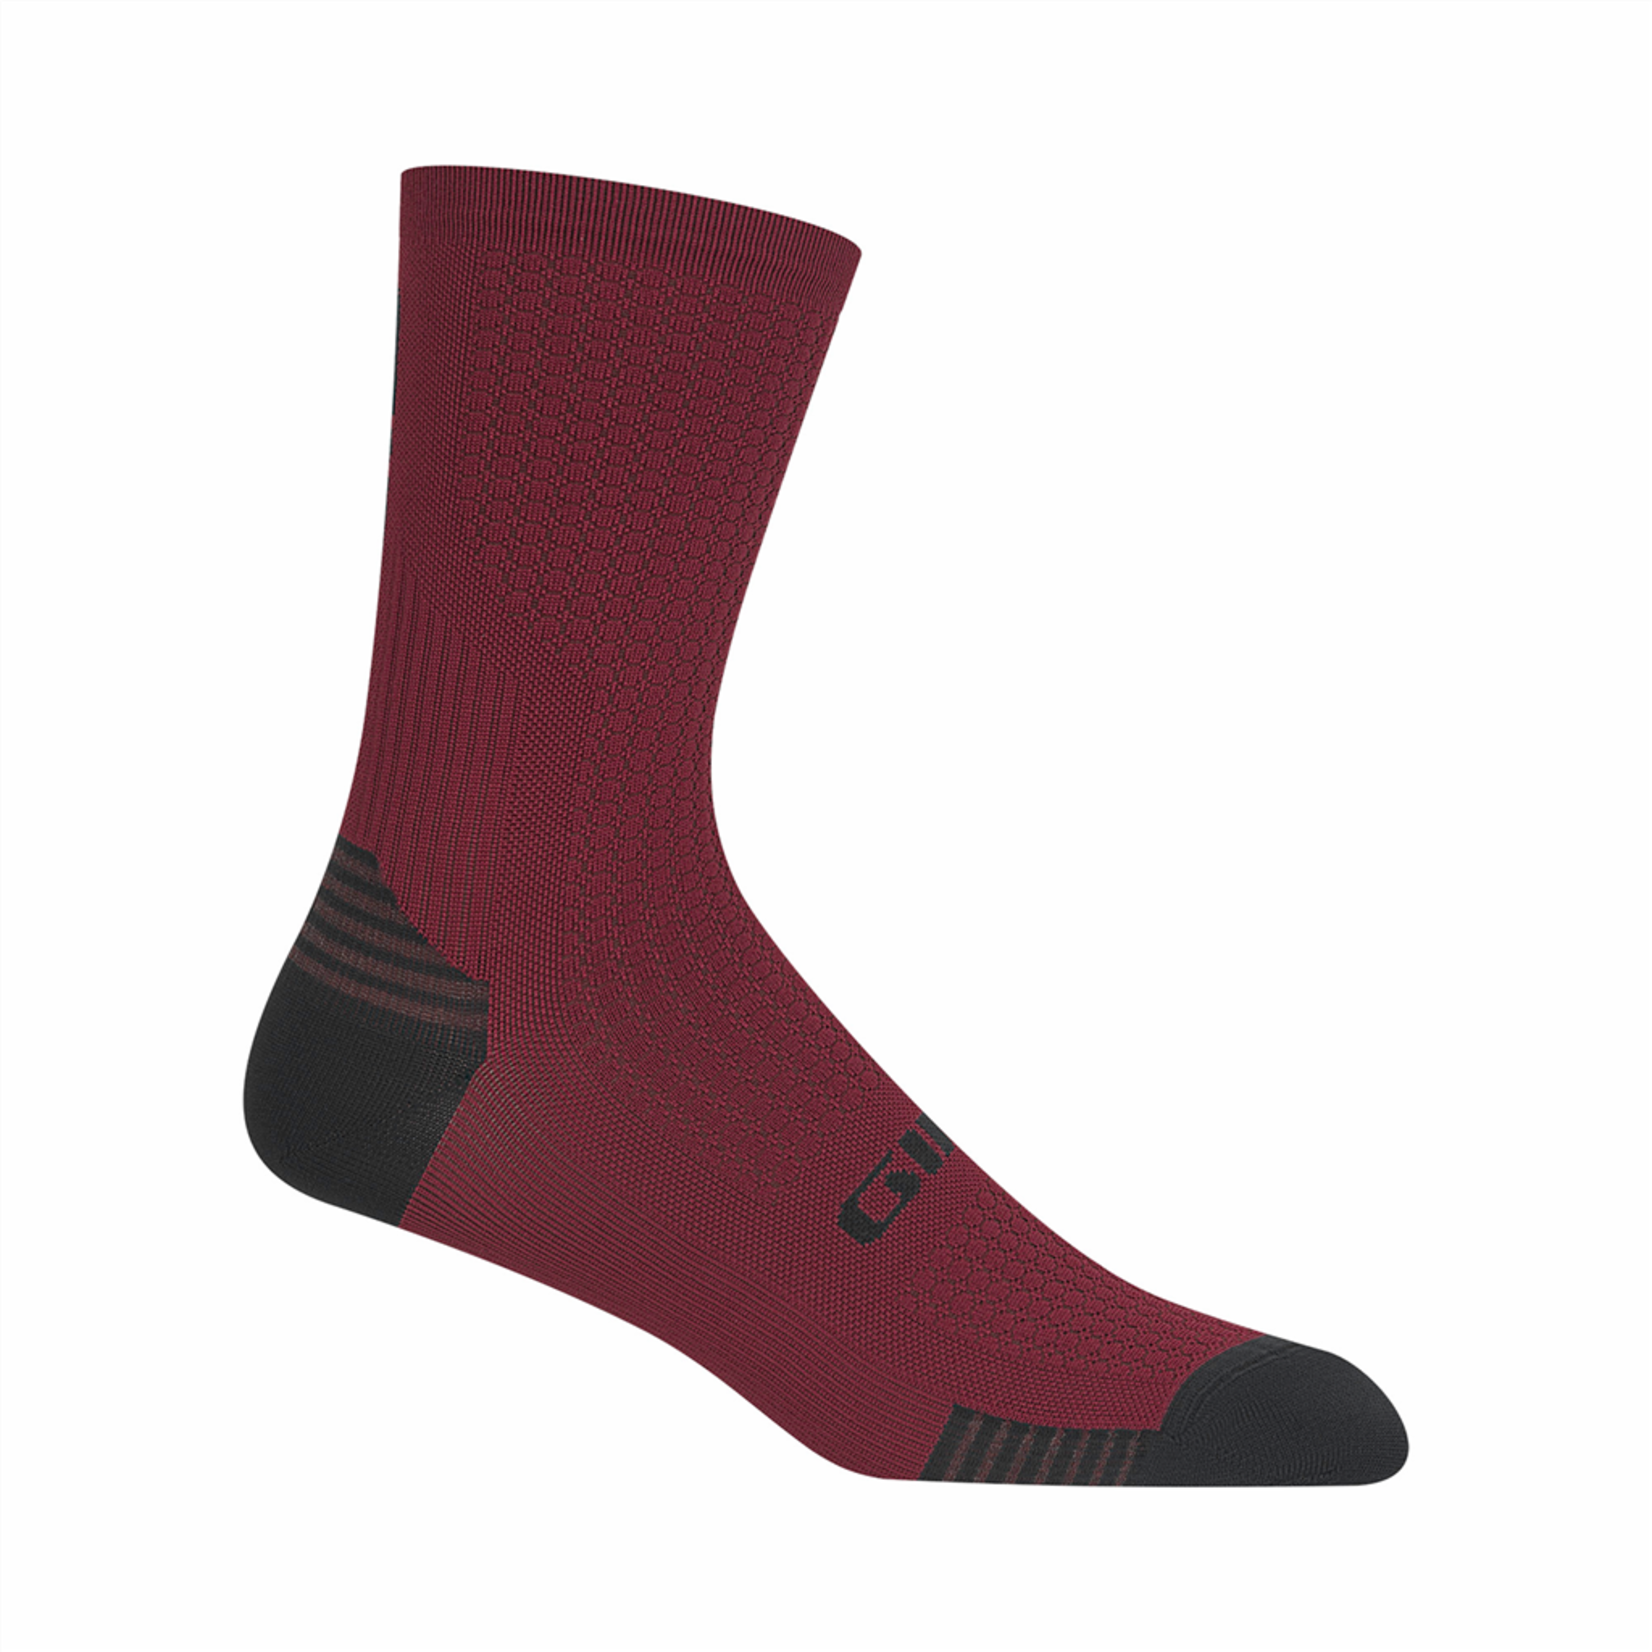 Giro Giro - Socke HRc + Grip blu L